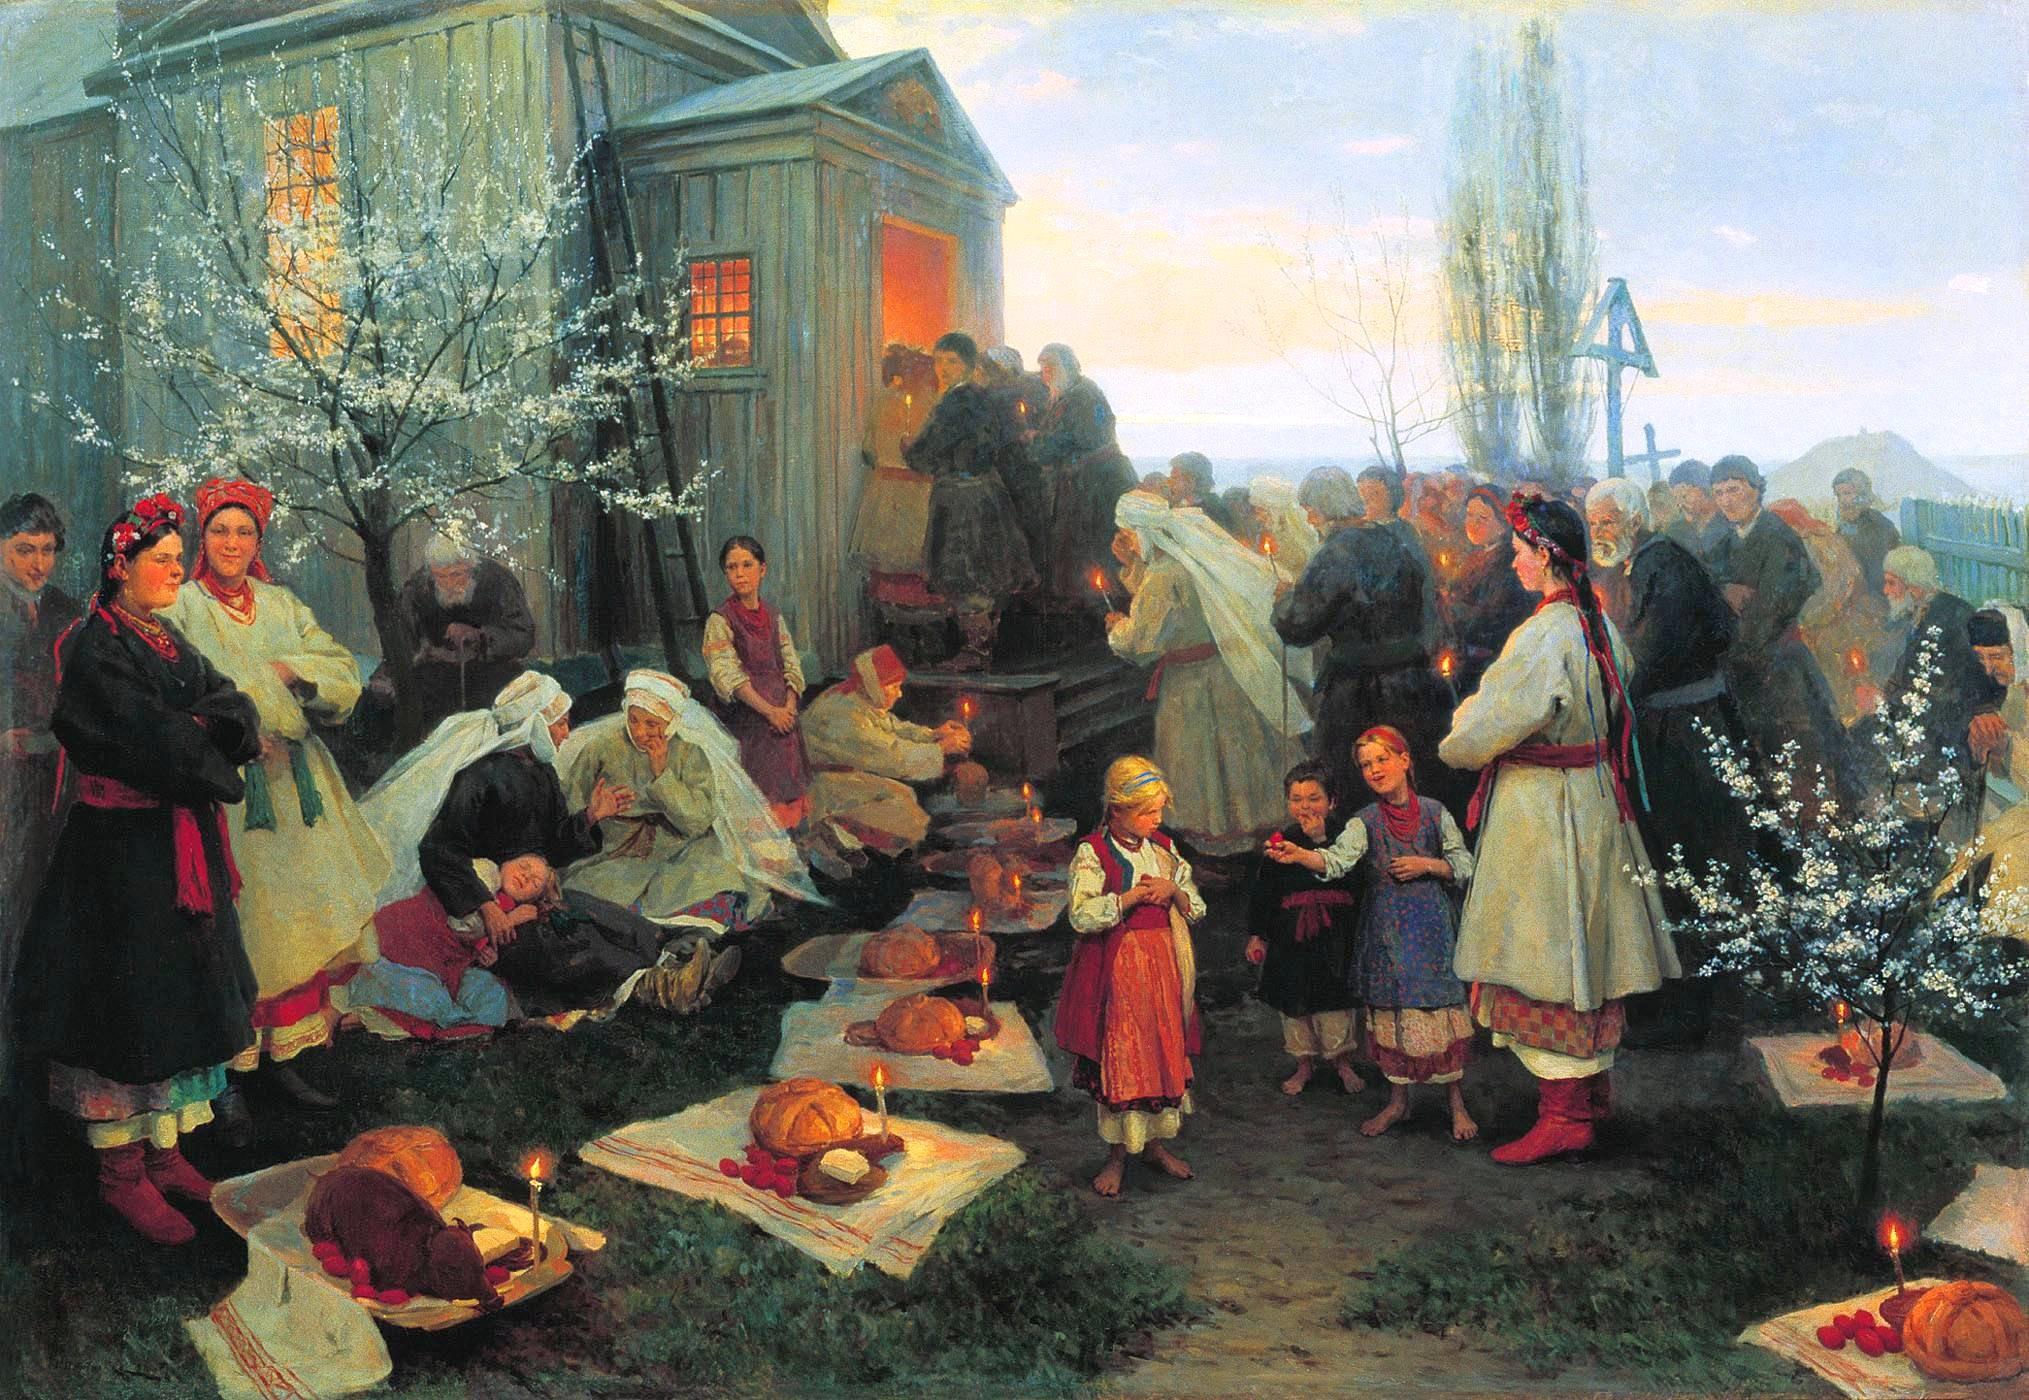 Пасхальная заутреня в Малороссии. Николай Пимоненко, 1891